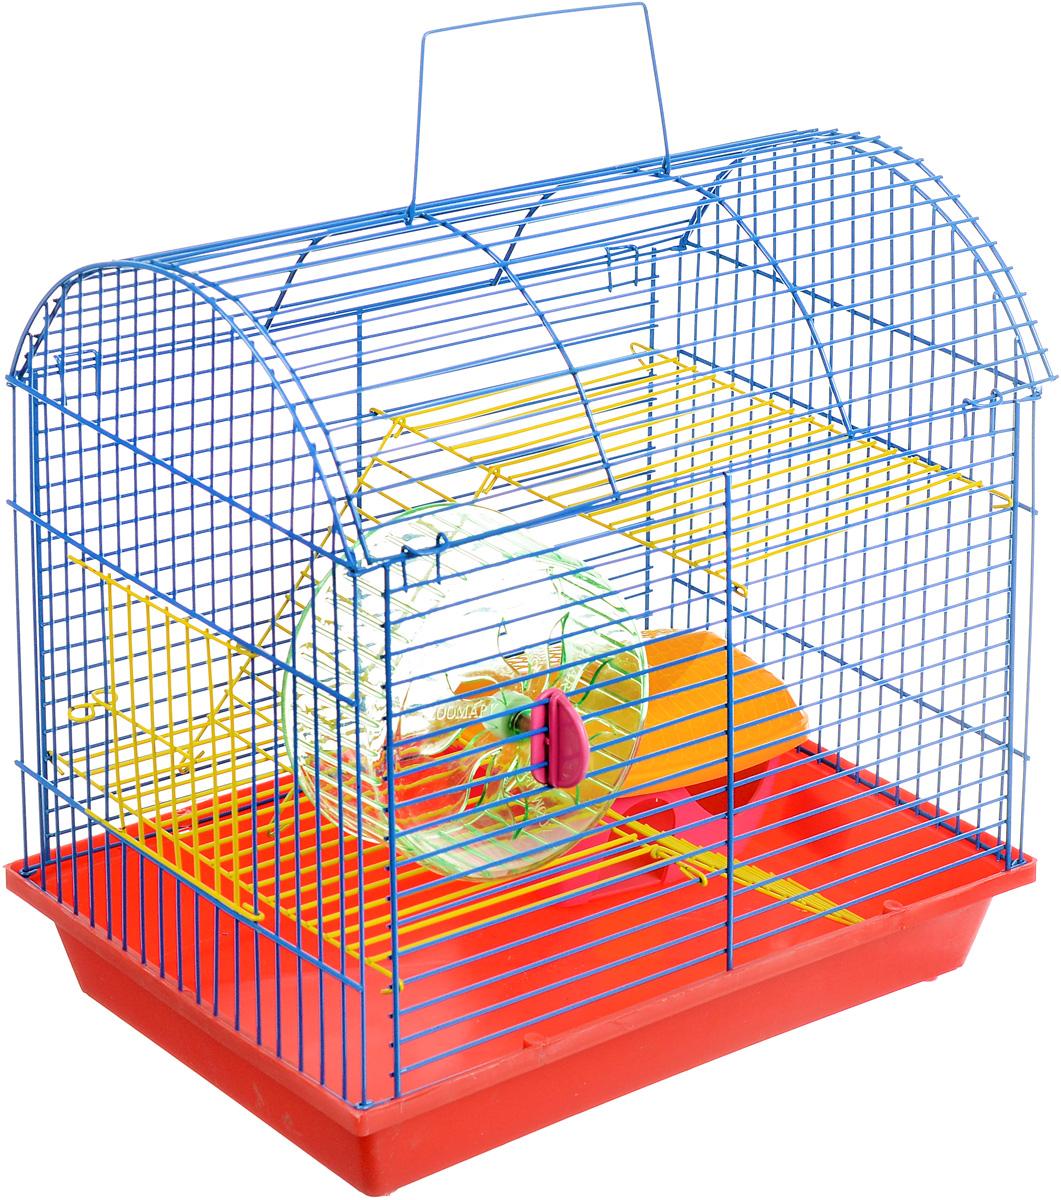 Клетка для грызунов ЗооМарк, 2-этажная, цвет: красный поддон, синяя решетка, желтые этажи, 37 х 23 х 35 см0120710Клетка ЗооМарк, выполненная из полипропилена и металла, подходит для мелких грызунов. Изделие двухэтажное, оборудовано колесом для подвижных игр и пластиковым домиком. Клетка имеет яркий поддон, удобна в использовании и легко чистится. Сверху имеется ручка для переноски. Такая клетка станет уединенным личным пространством и уютным домиком для маленького грызуна.